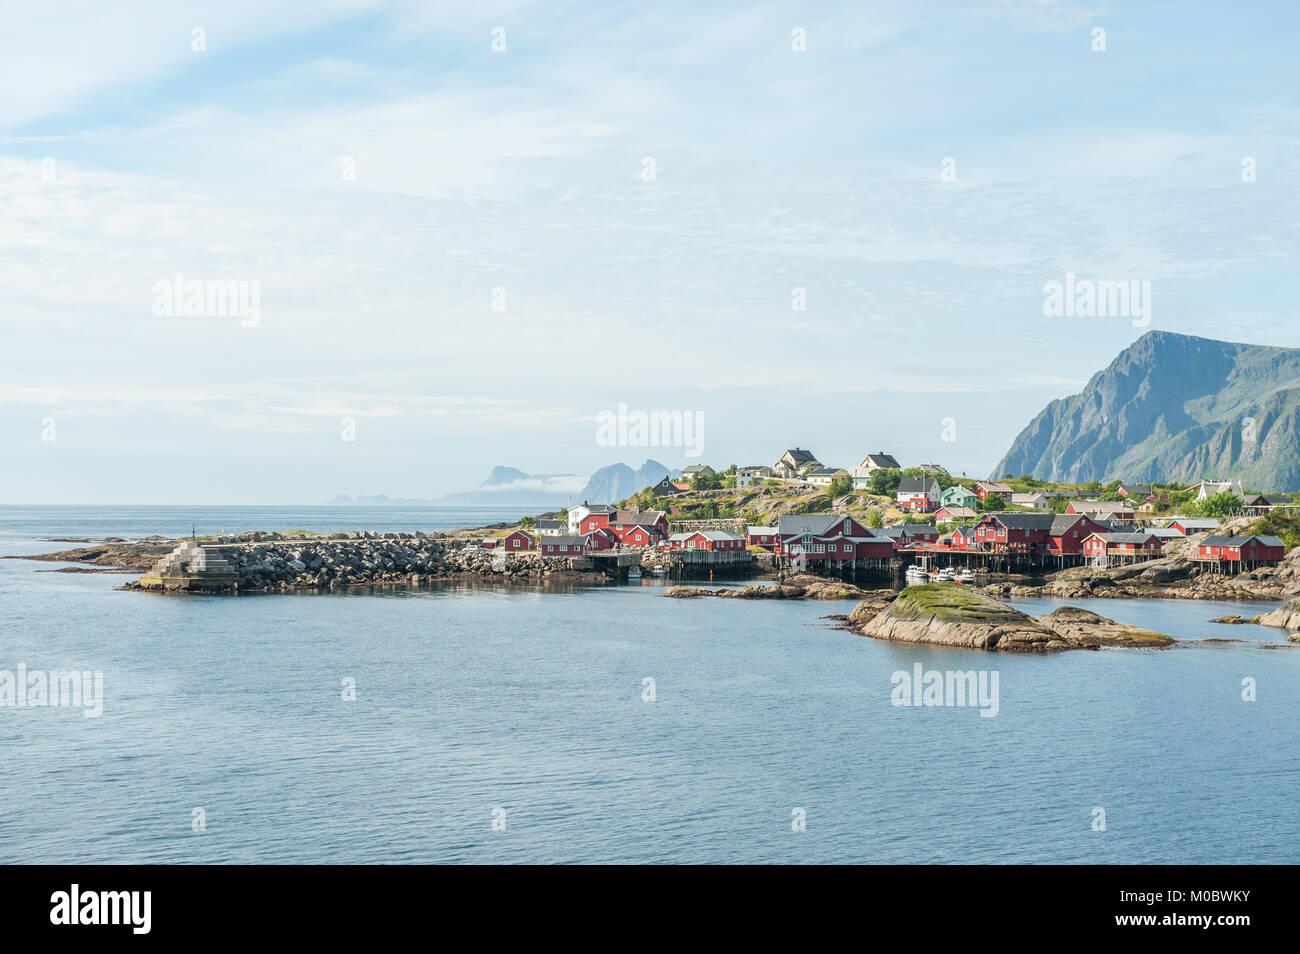 View towards Å on Lofoten islands. Å is a small fishing village that features the Lofoten Stockfish museum. - Stock Image